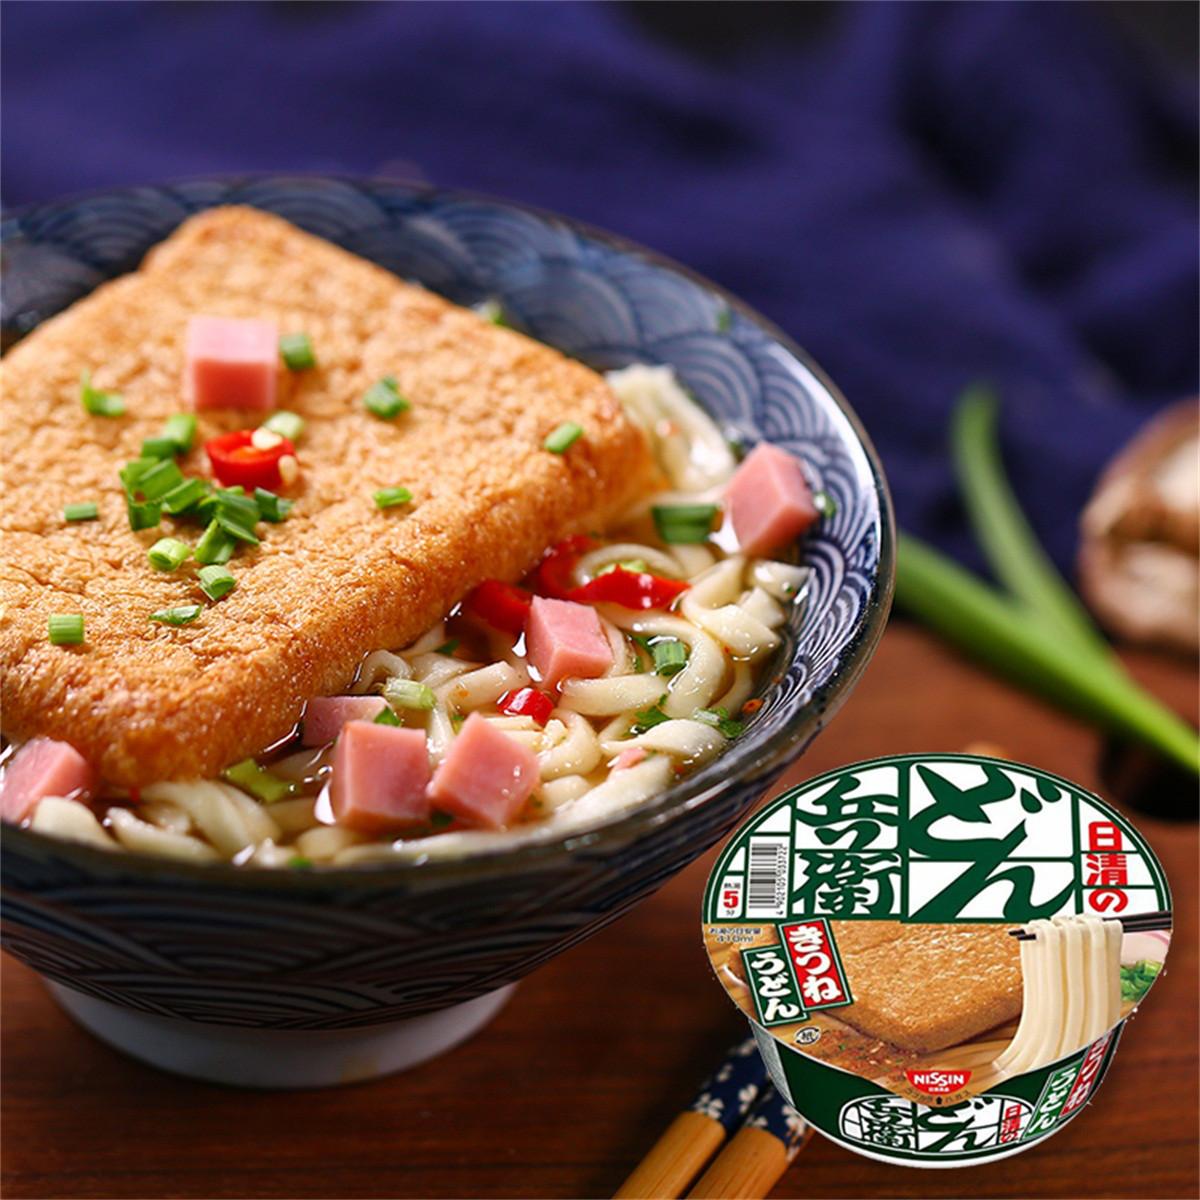 和風细语日本进口NISSIN/日清兵卫油豆腐拉面网红速食方便面碗装COLOR油豆腐拉面